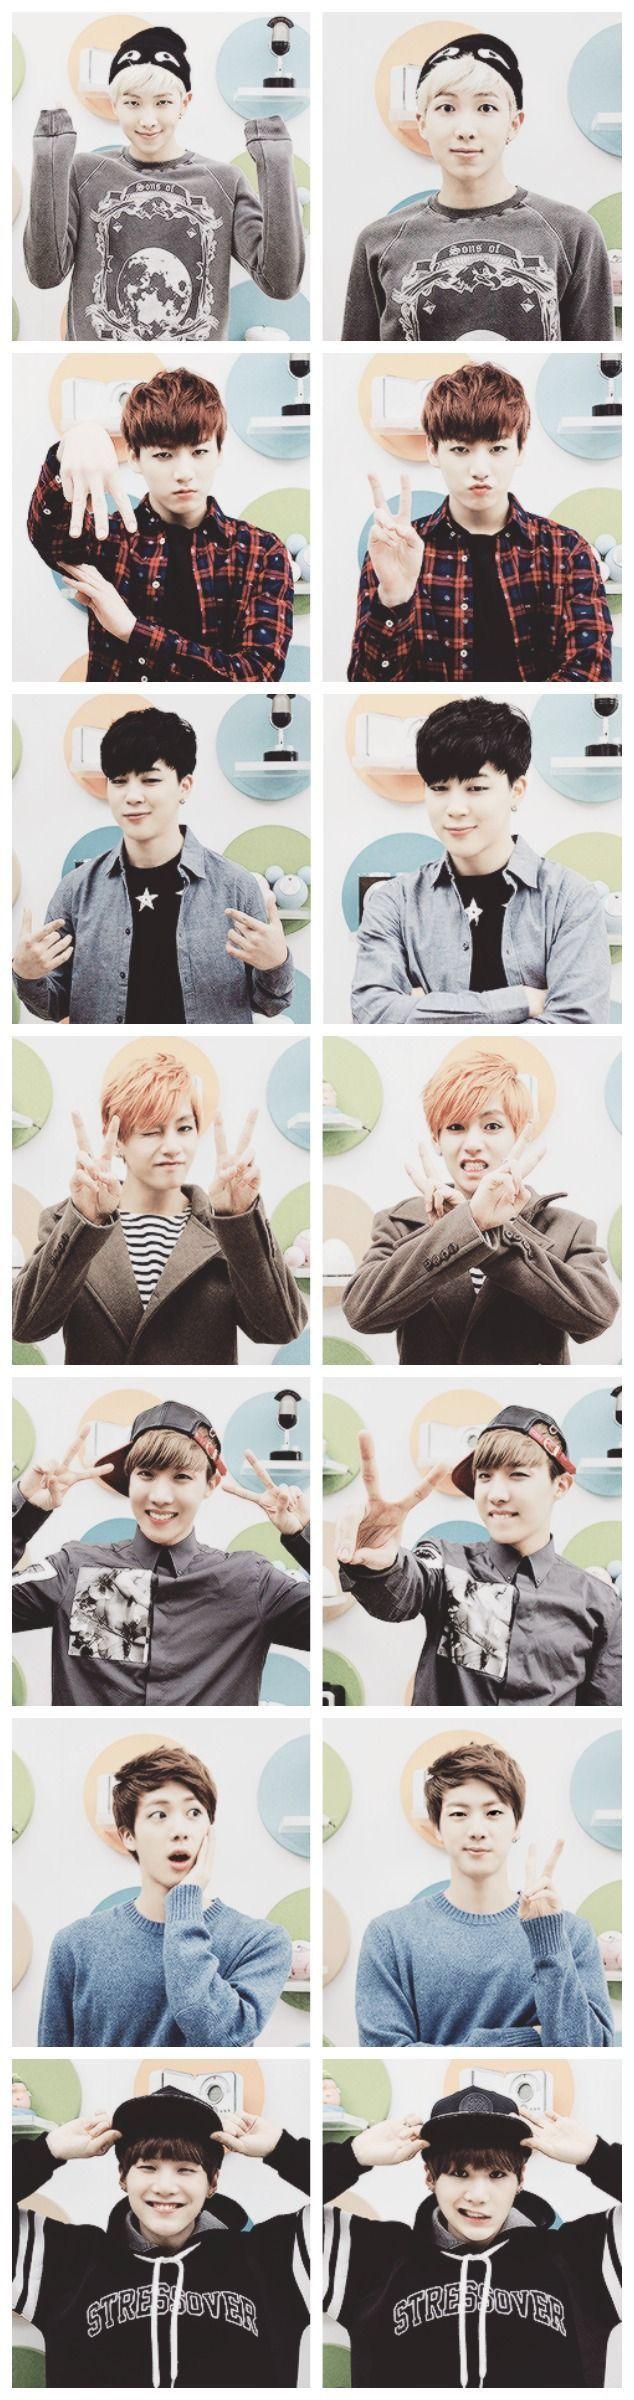 Awwwww cute, but Jin looks like a little puppy